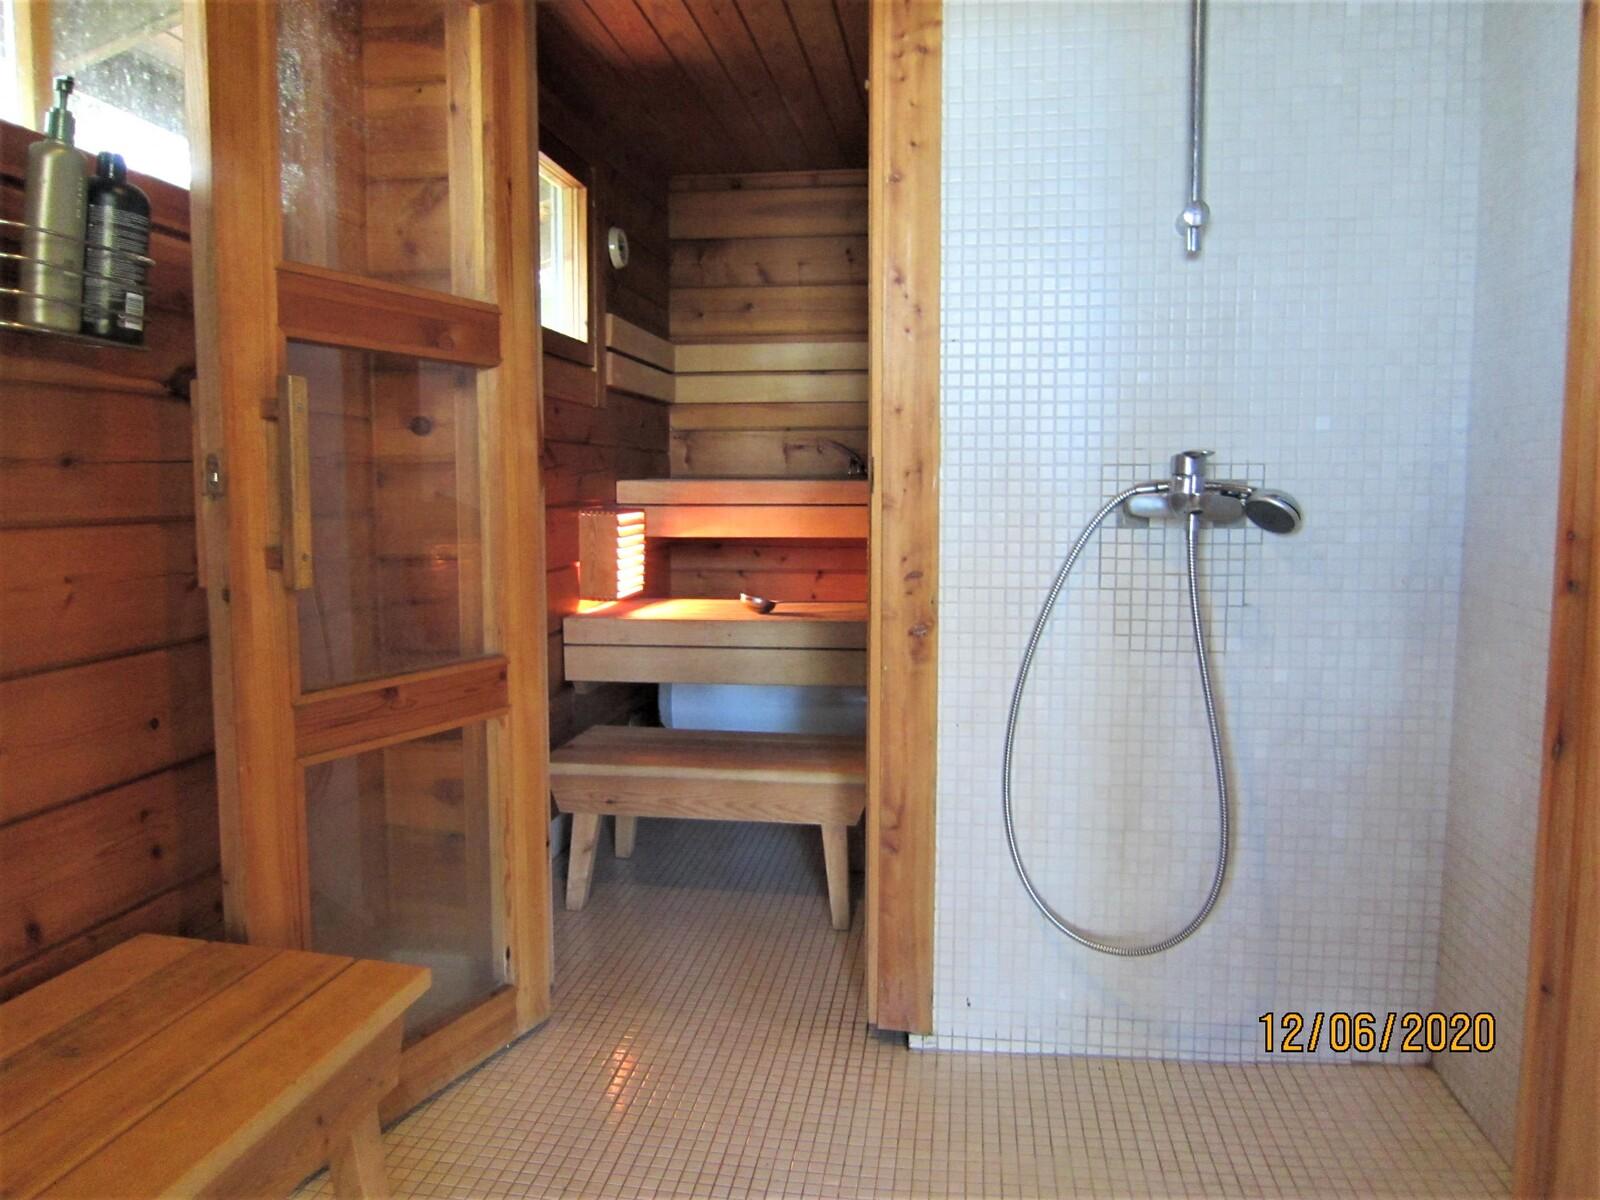 Sauna ja suihkutilat (lattialämmityksellä) title=